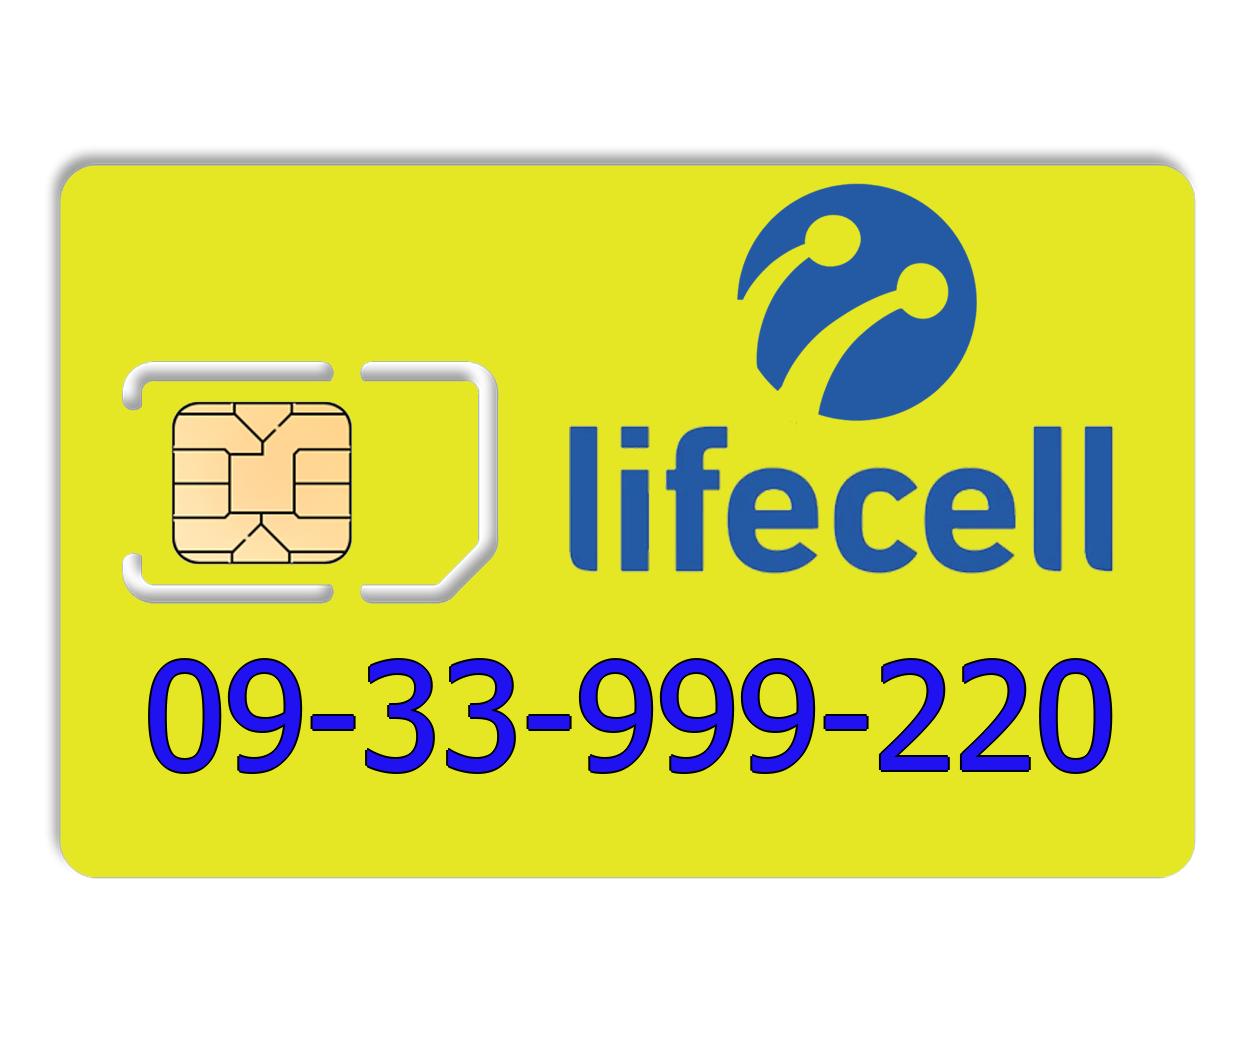 Красивый номер lifecell 09-33-999-220